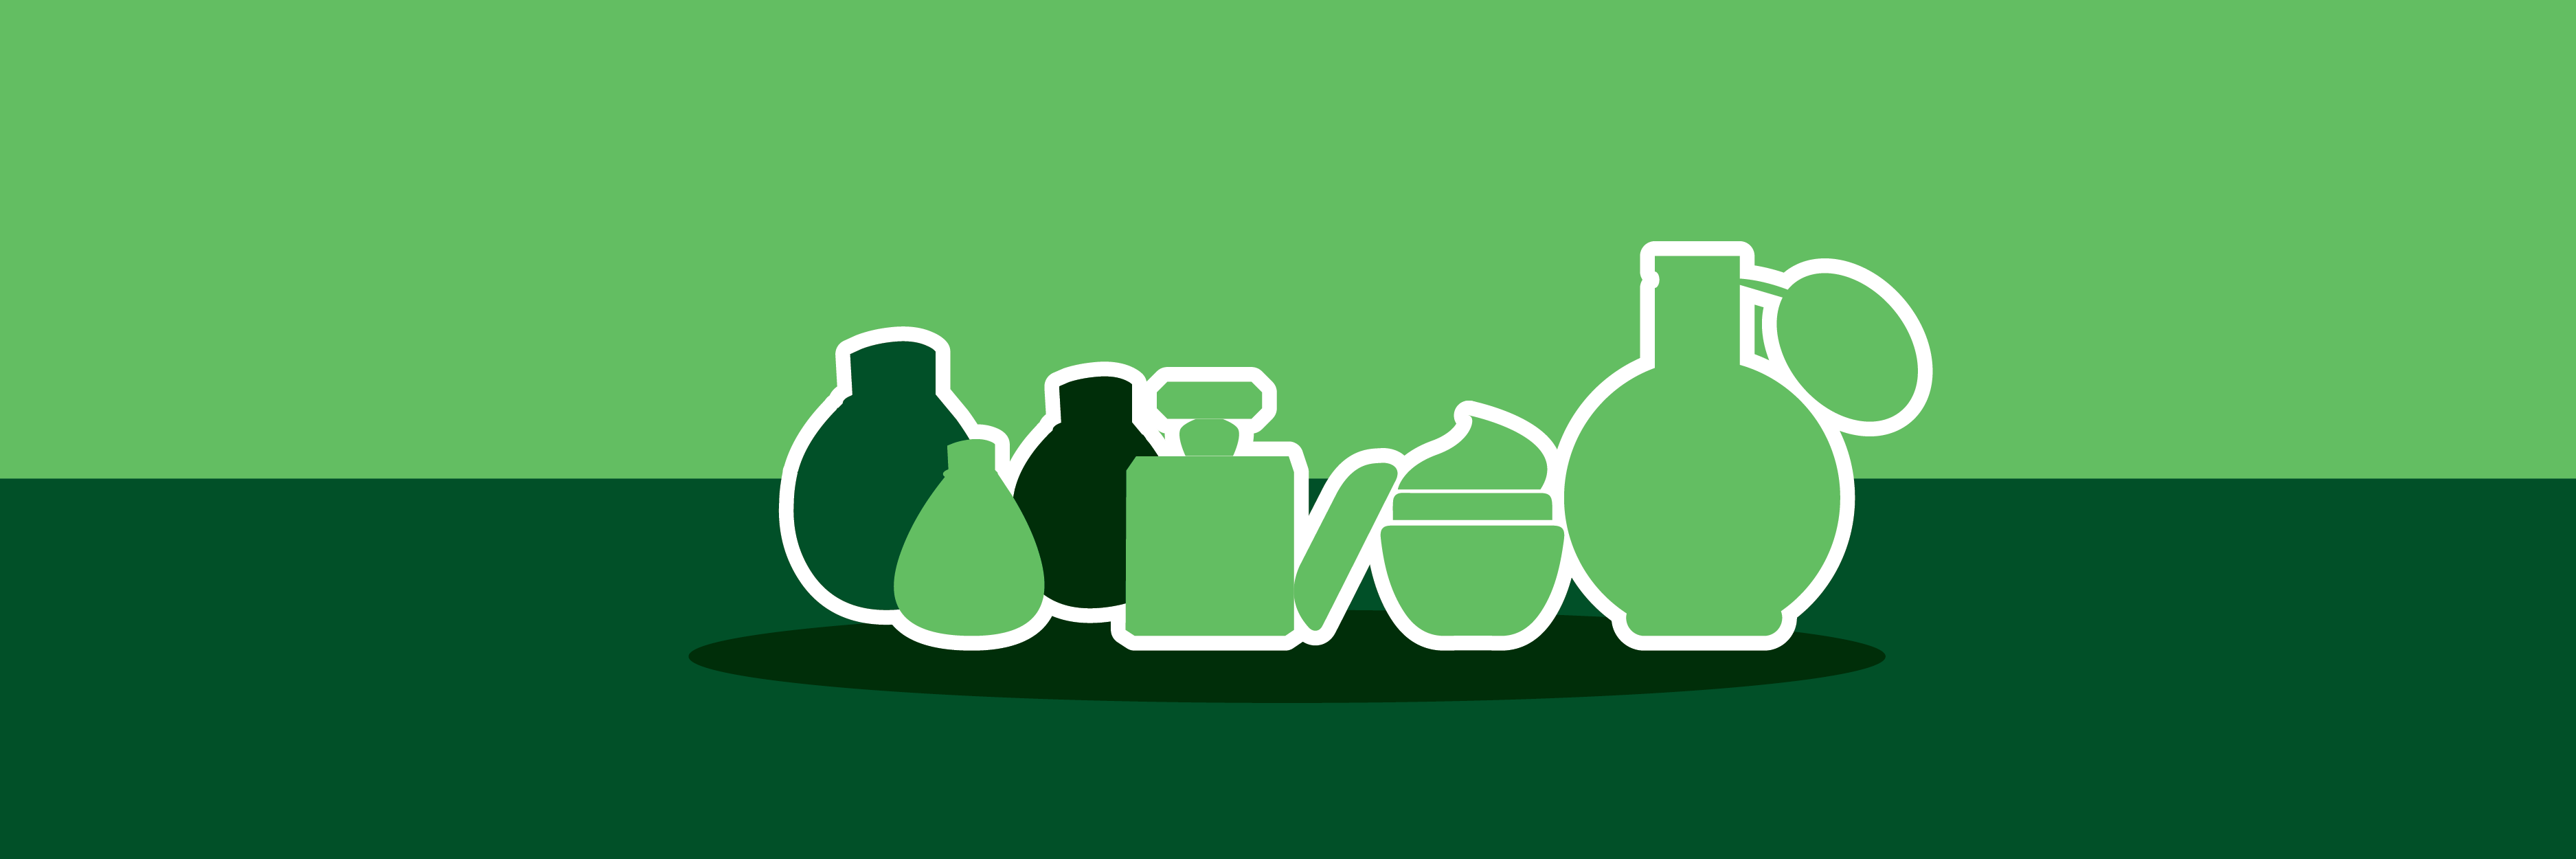 Seguro Para Perfumaria - Lima & Figueiredo Fazendo a Diferença Quando Você Mais Precisa